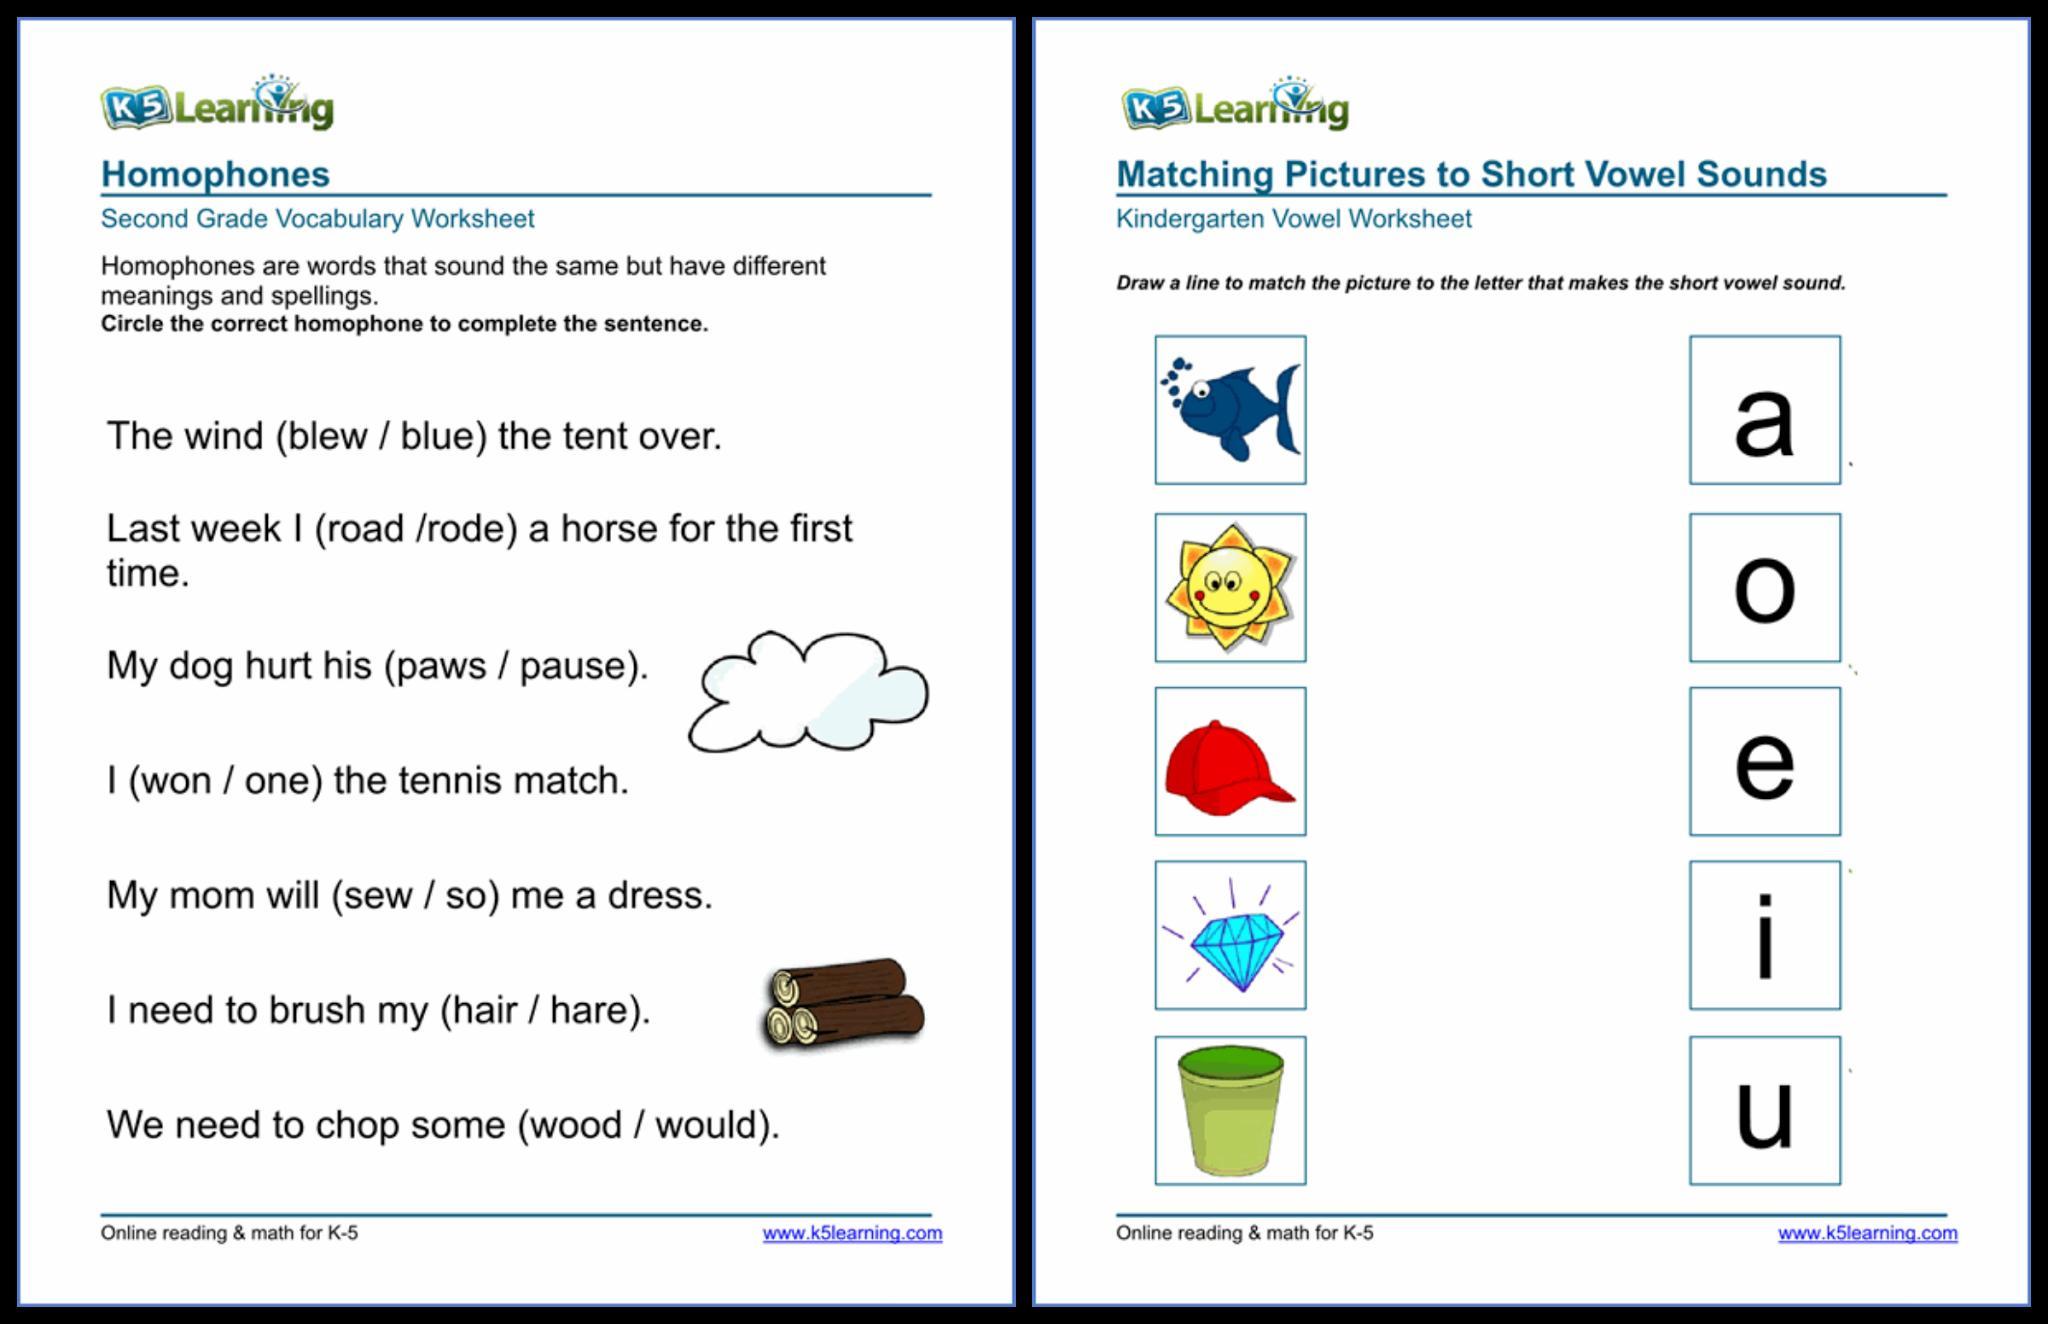 Preschool Worksheets K5 Learning 7